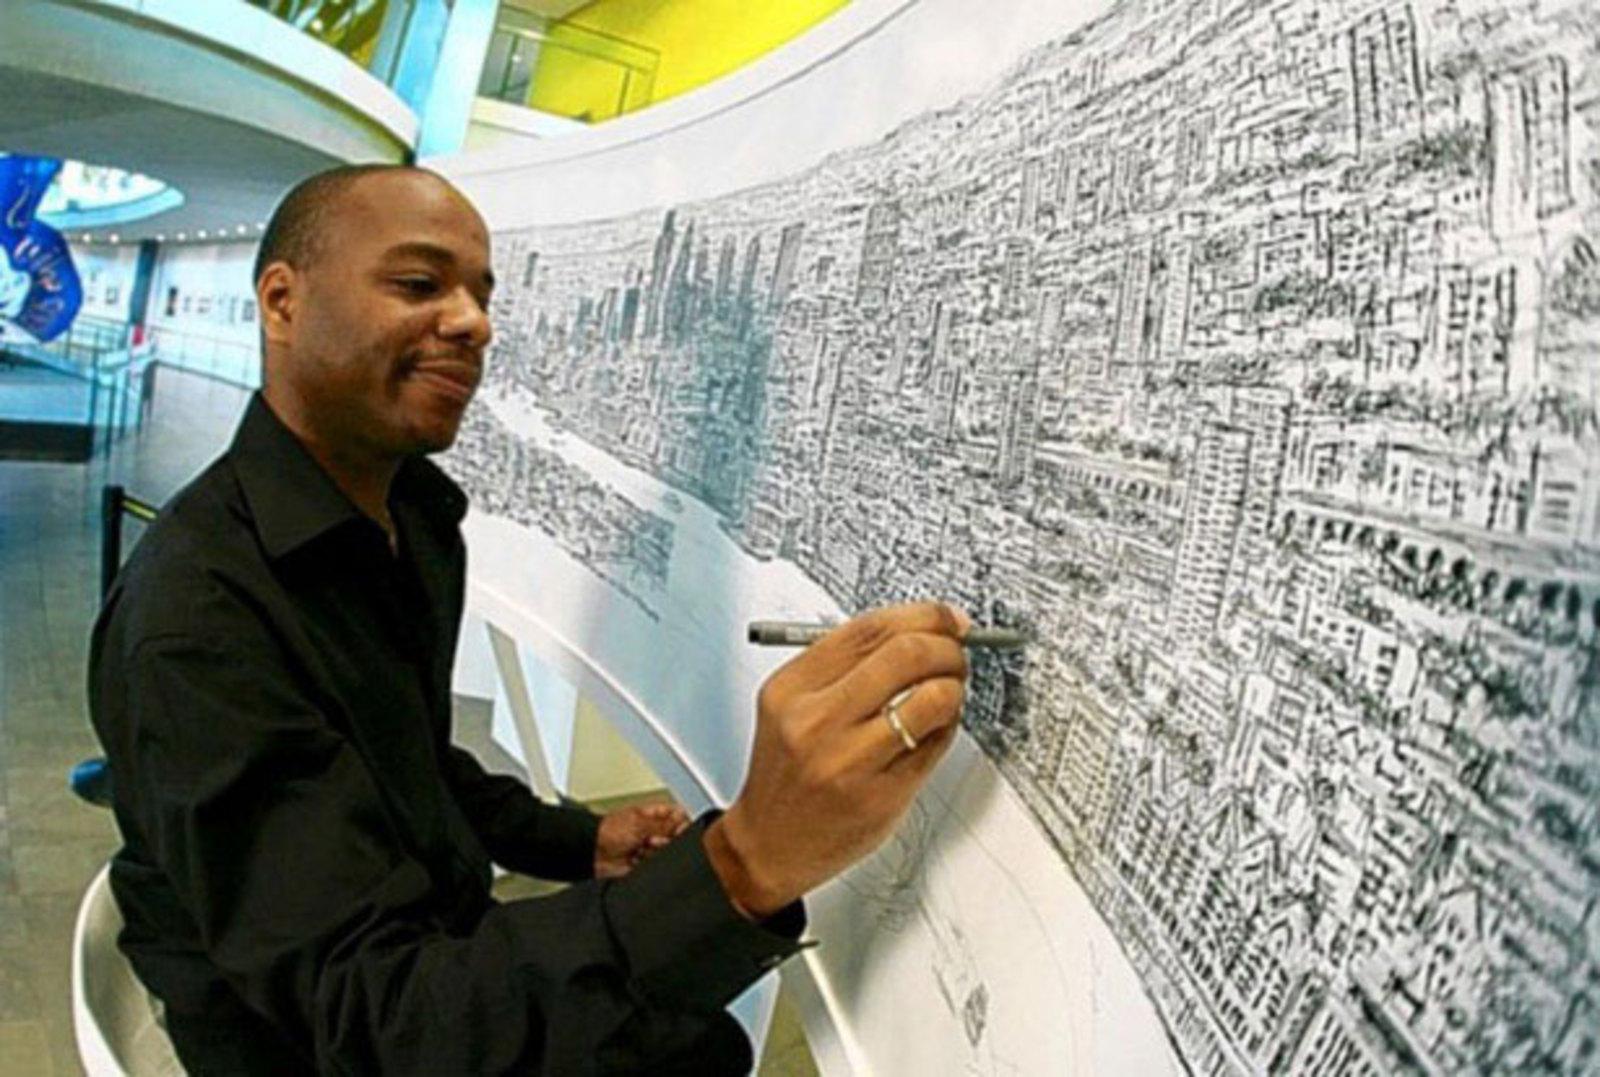 Художник-аутист рисует невероятно точные панорамы мегаполисов ...